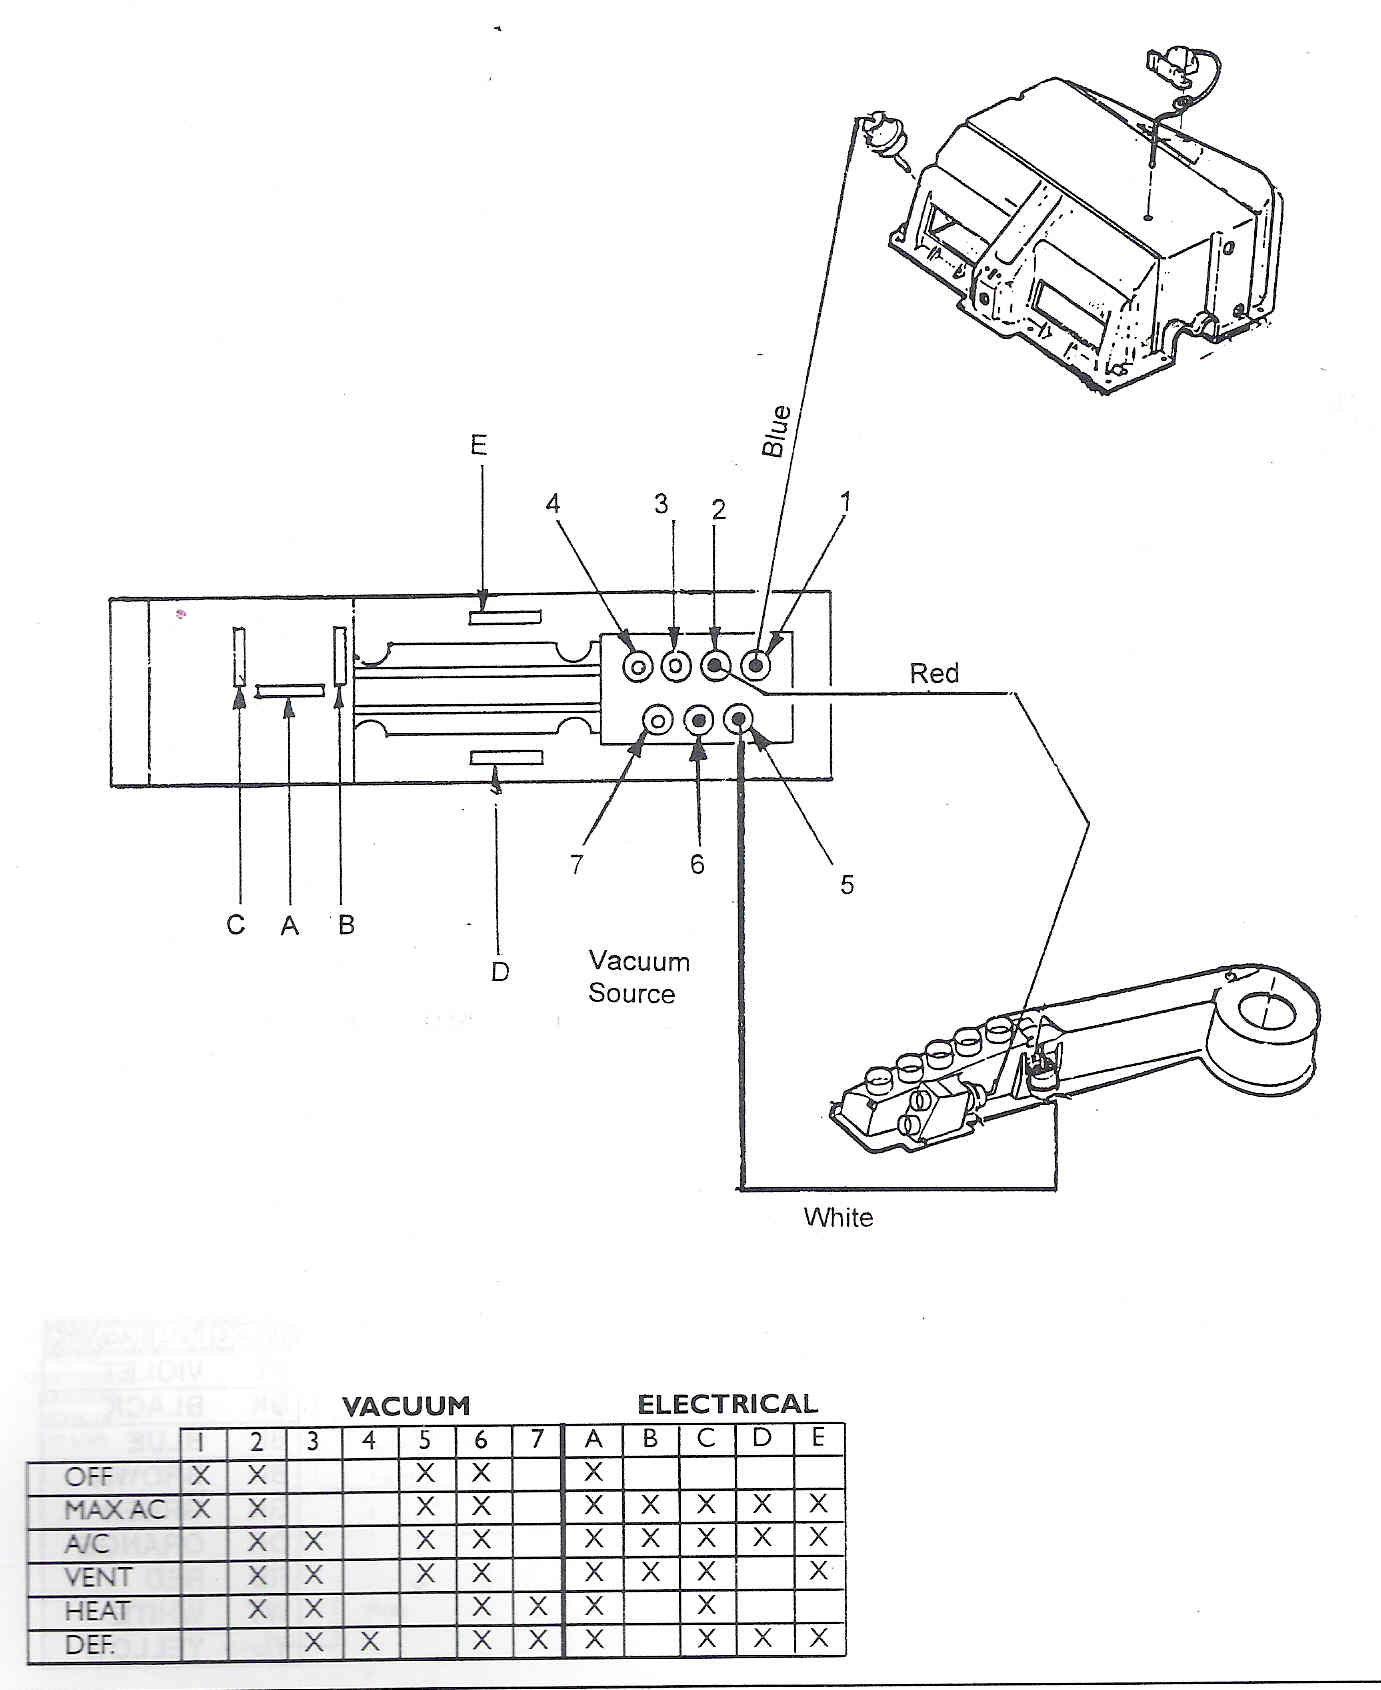 winnebago warrior motorhome wiring diagram automotive motorhome wiring diagram 2012 01 10 001558 control head vacuum